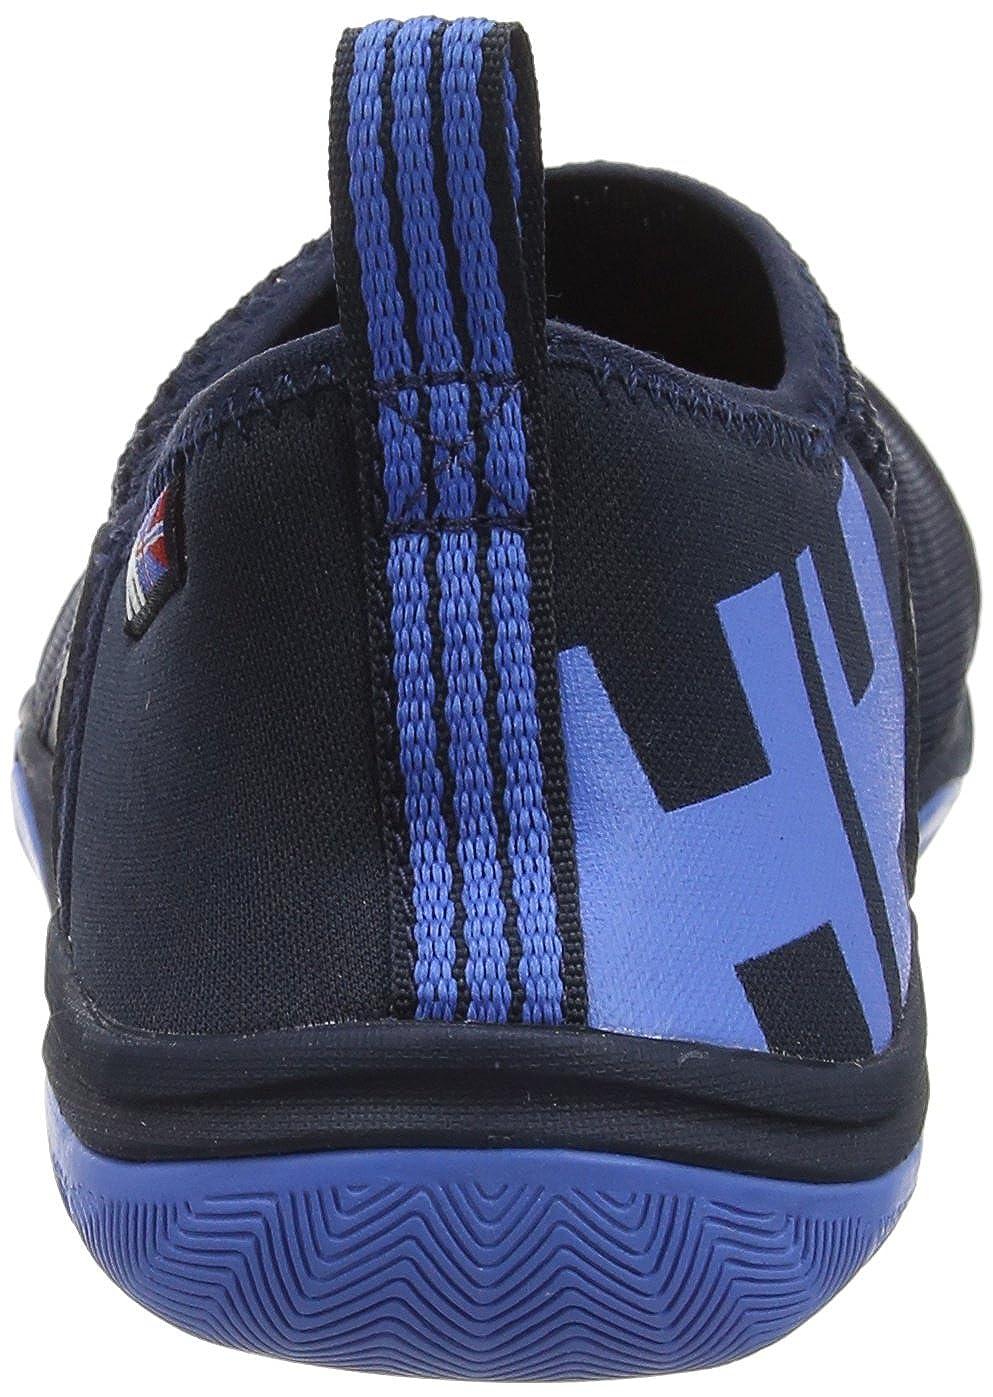 Helly Hansen Herren Watermoc 2 11121 598 Aqua Schuhe, Blau